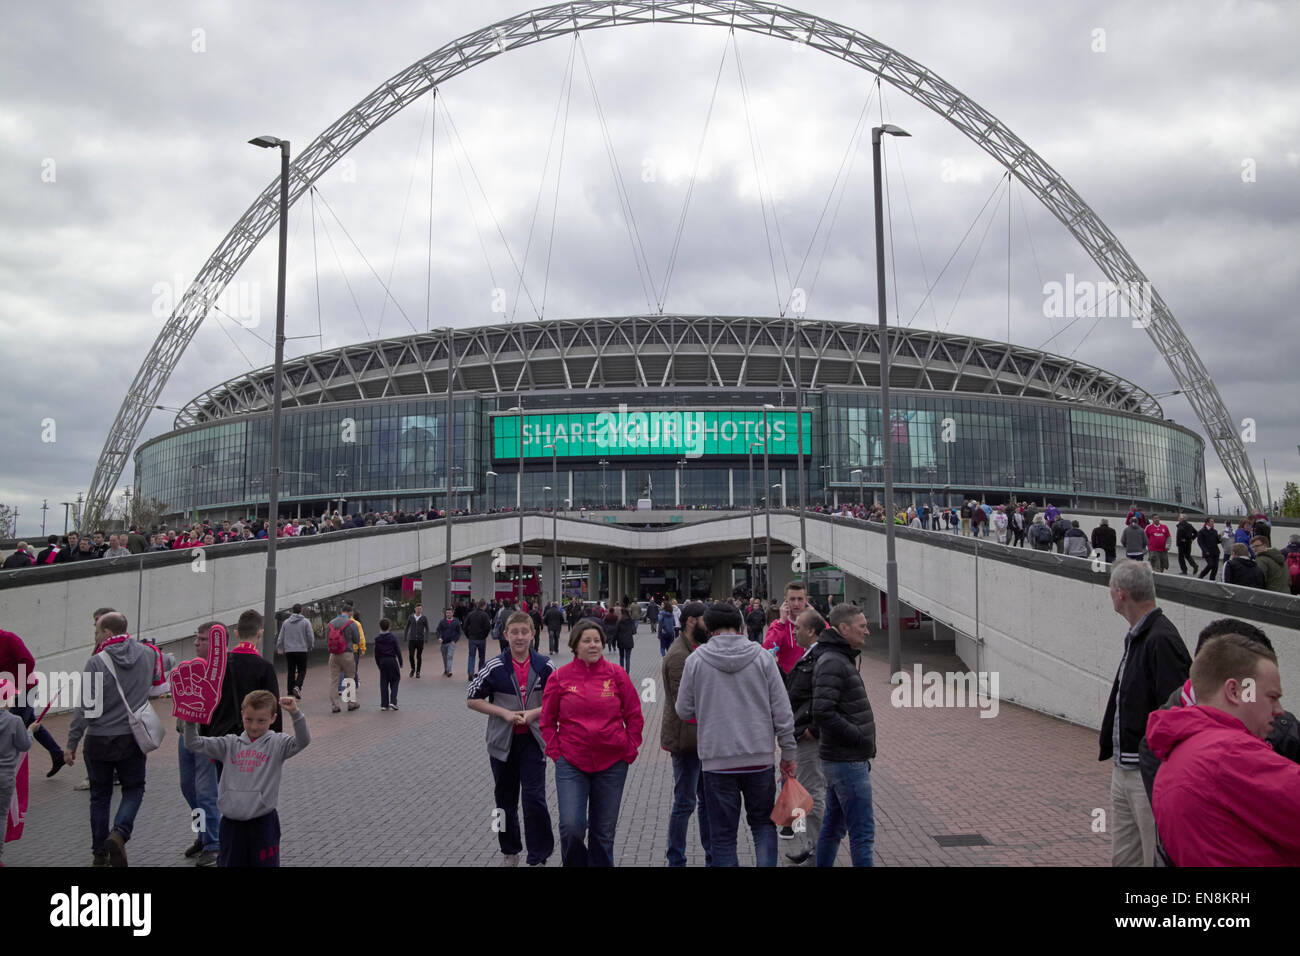 Tifosi del liverpool approccio Wembley stadium sulla FA Cup semi final day London REGNO UNITO Immagini Stock